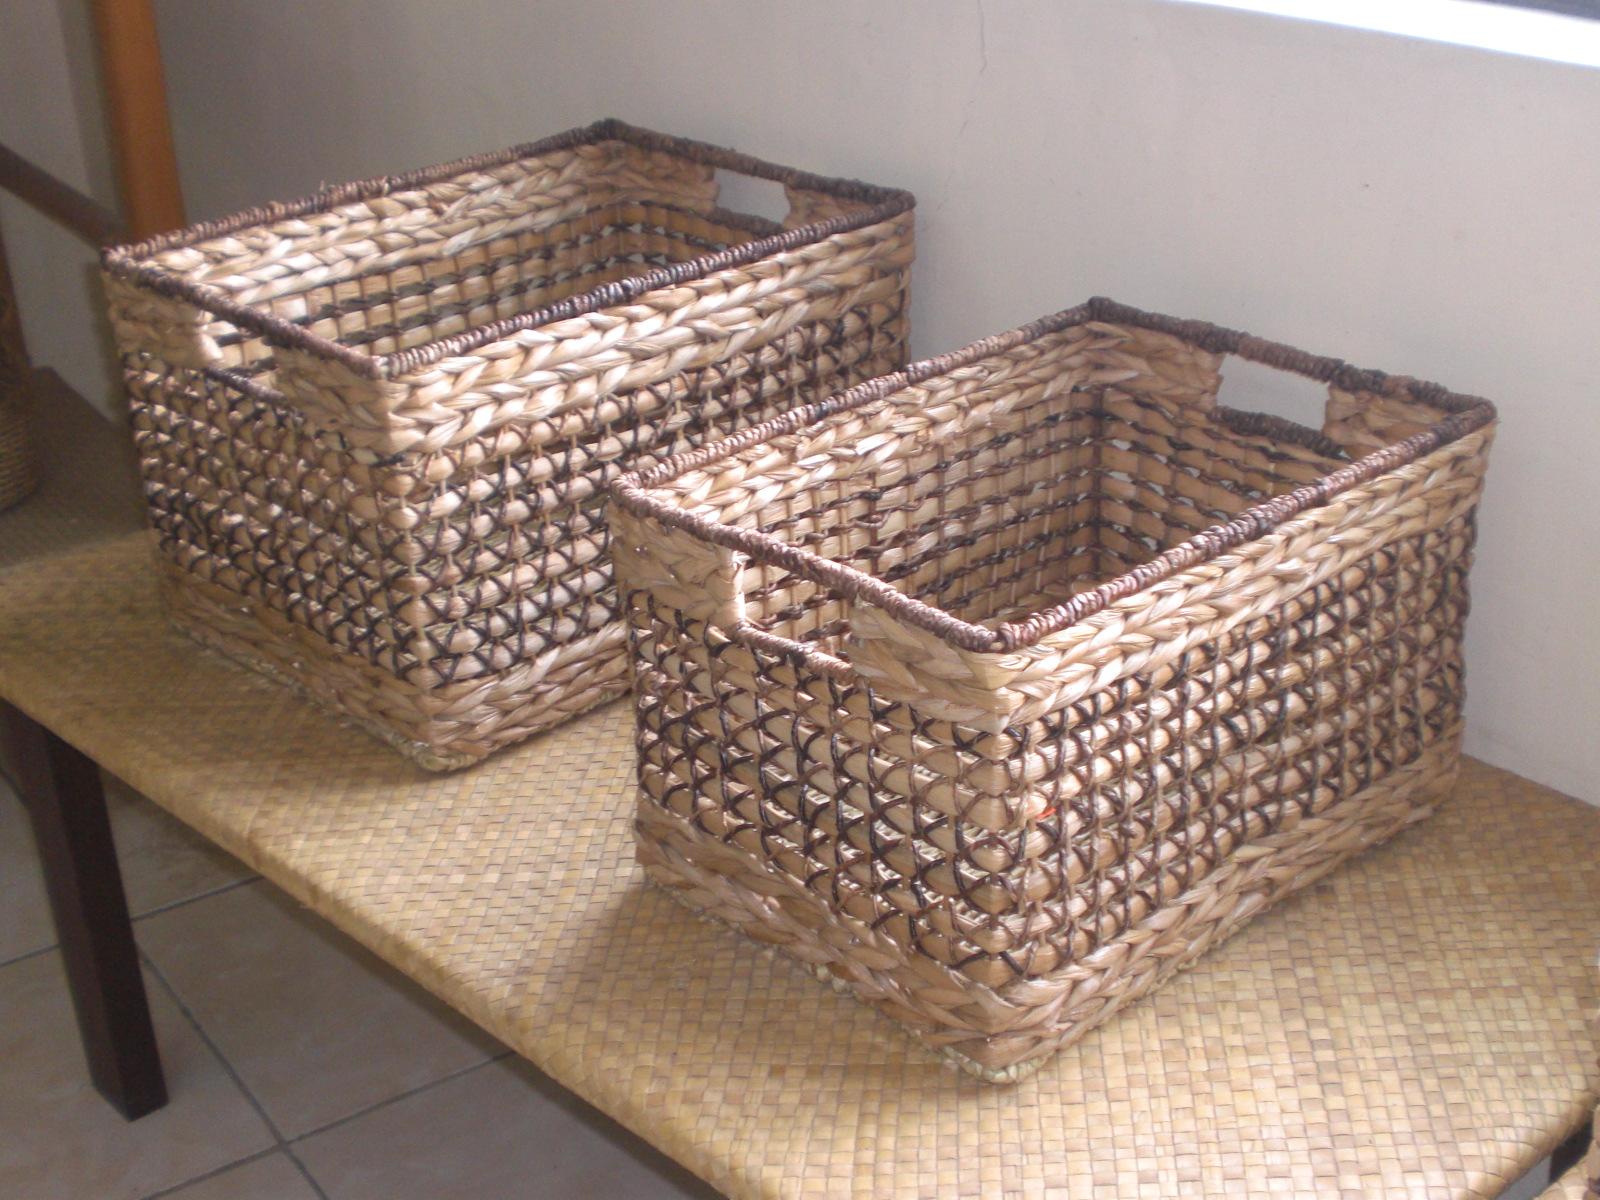 Gratiot Lake Basket Weaving Supplies : The villar foundation years of transforming